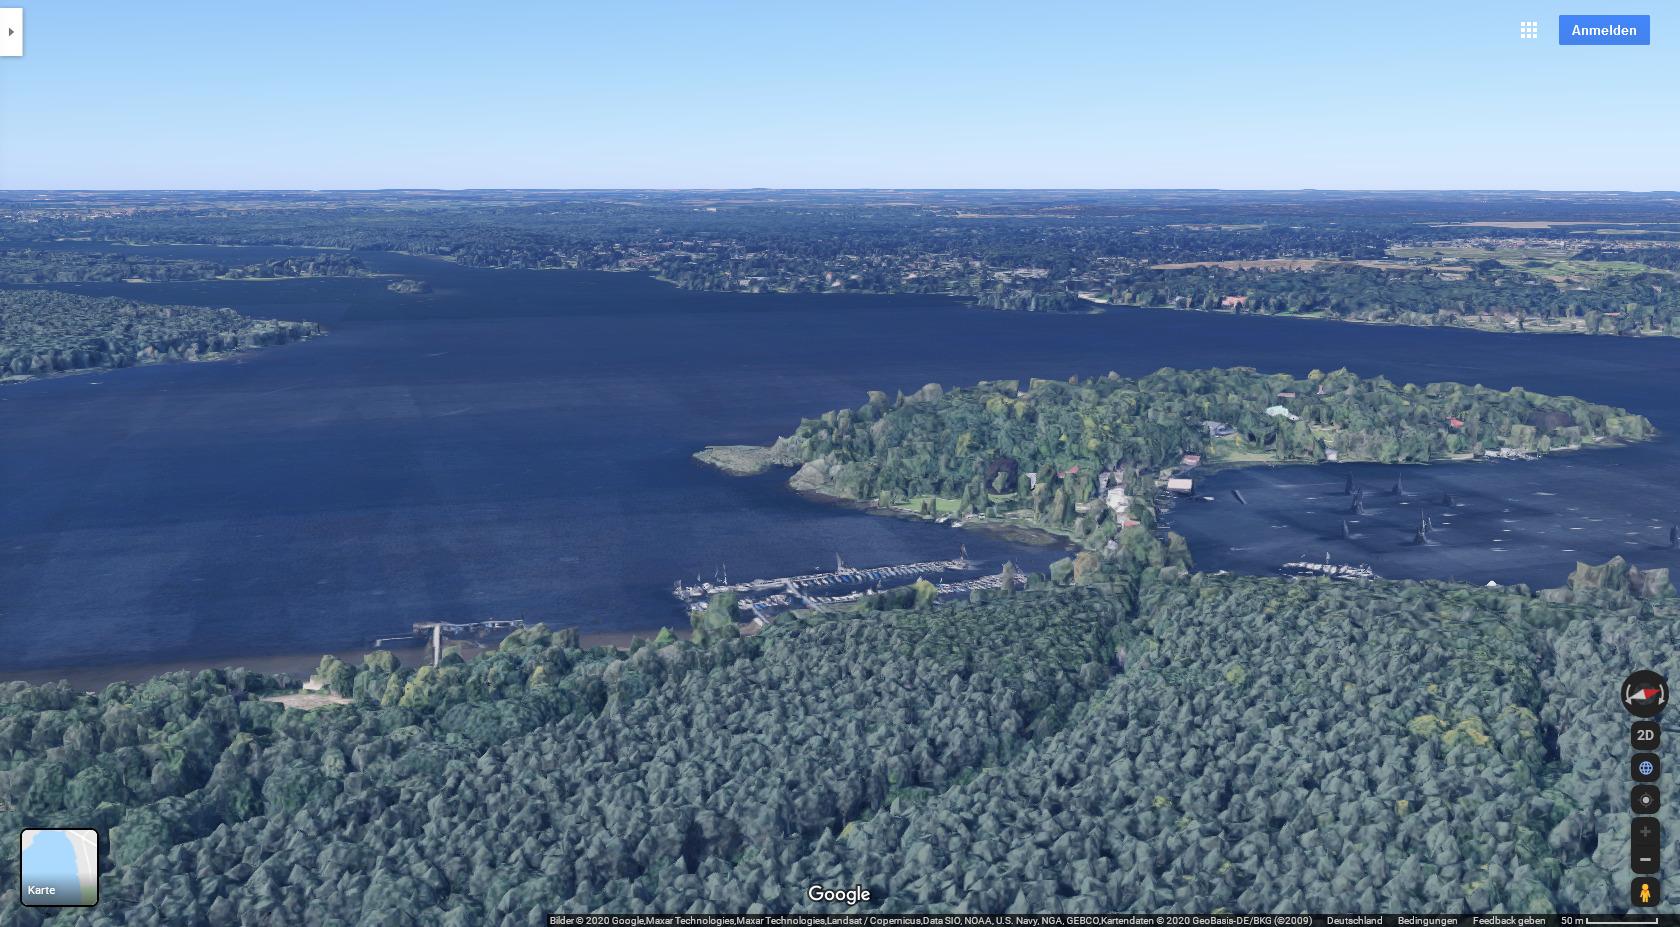 Google Maps: Insel Schwanenwerder am Großen Wannsee